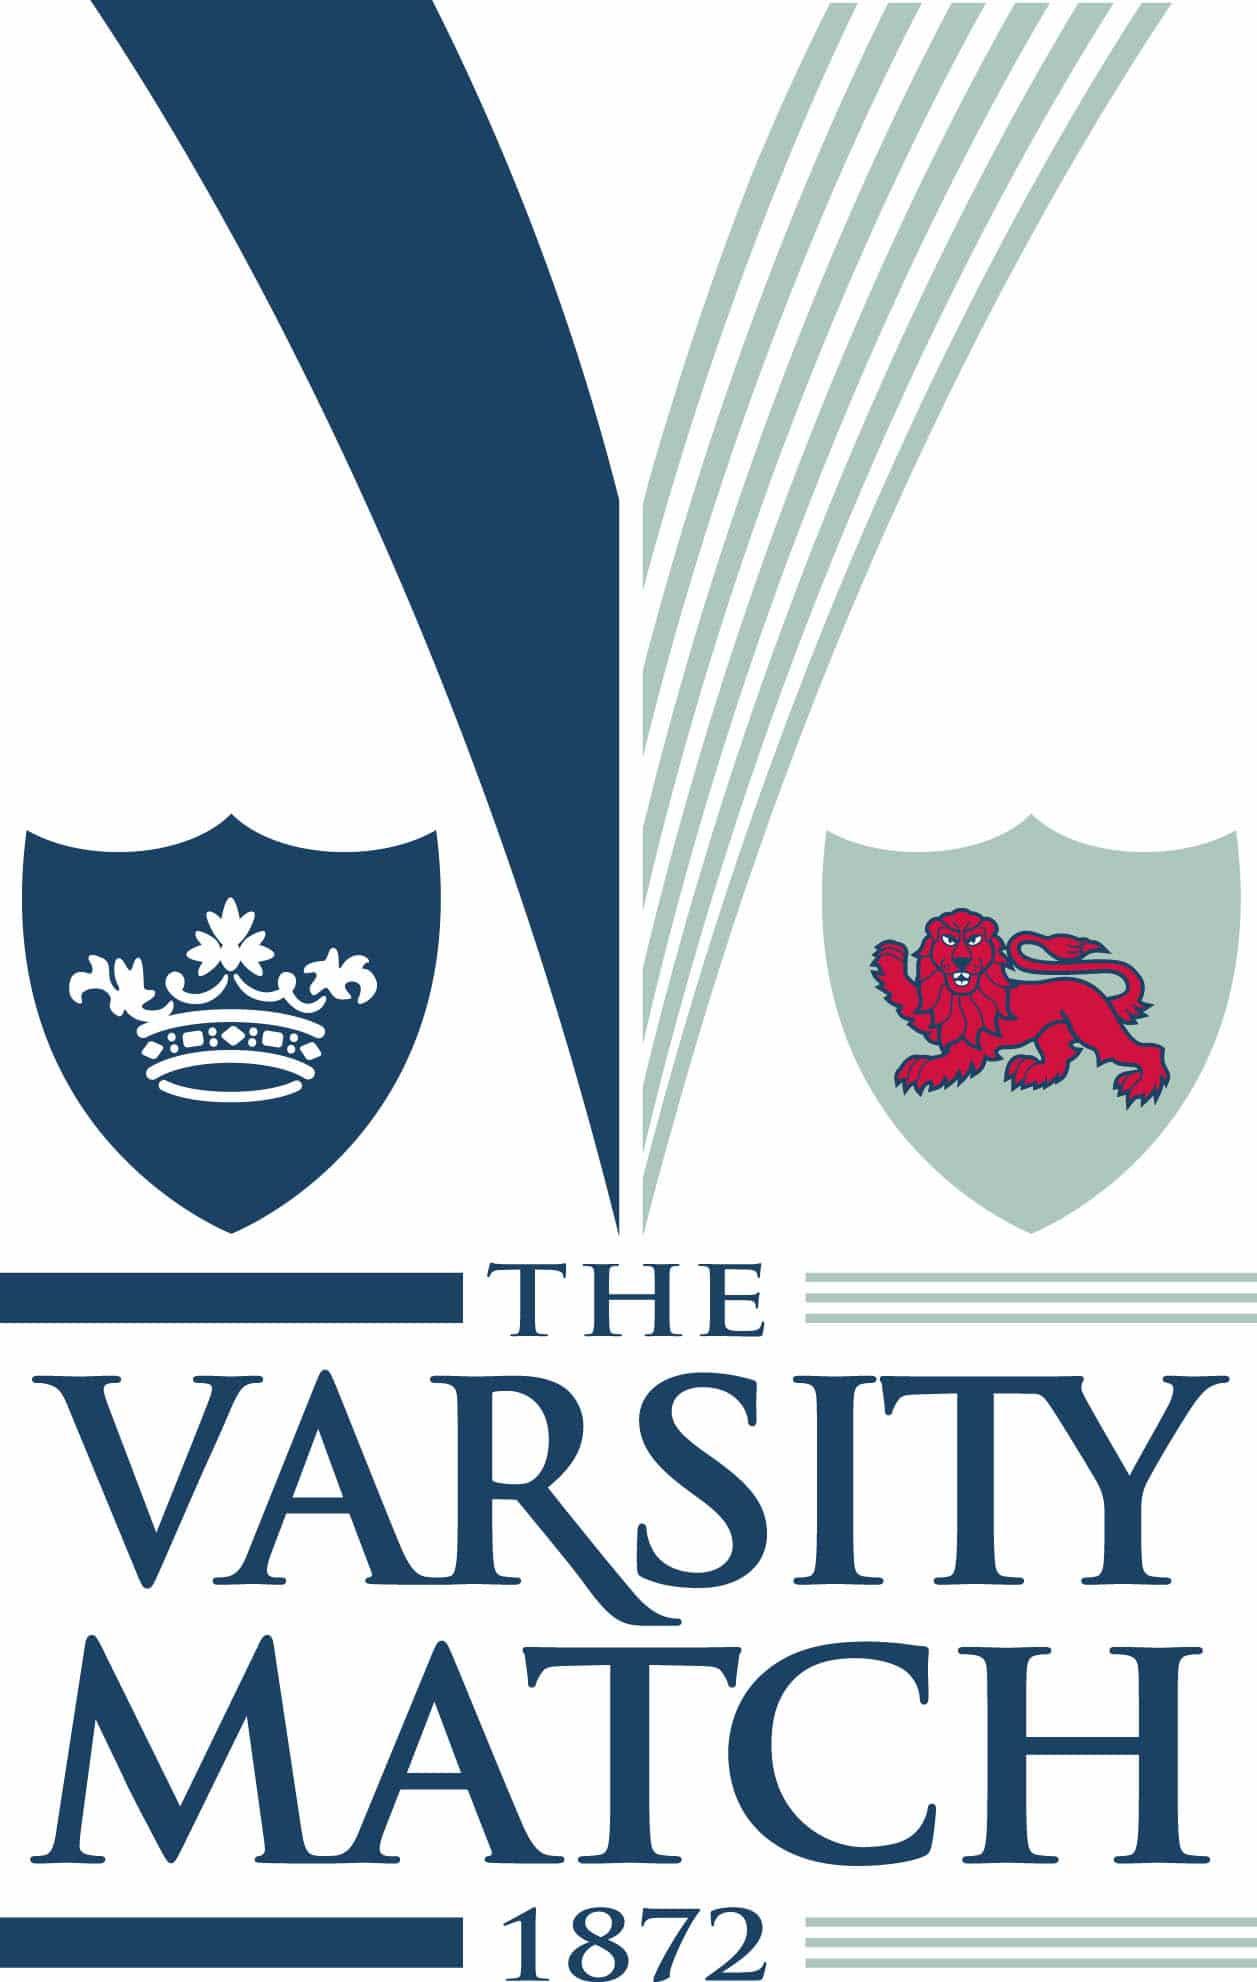 Varsity Match logo